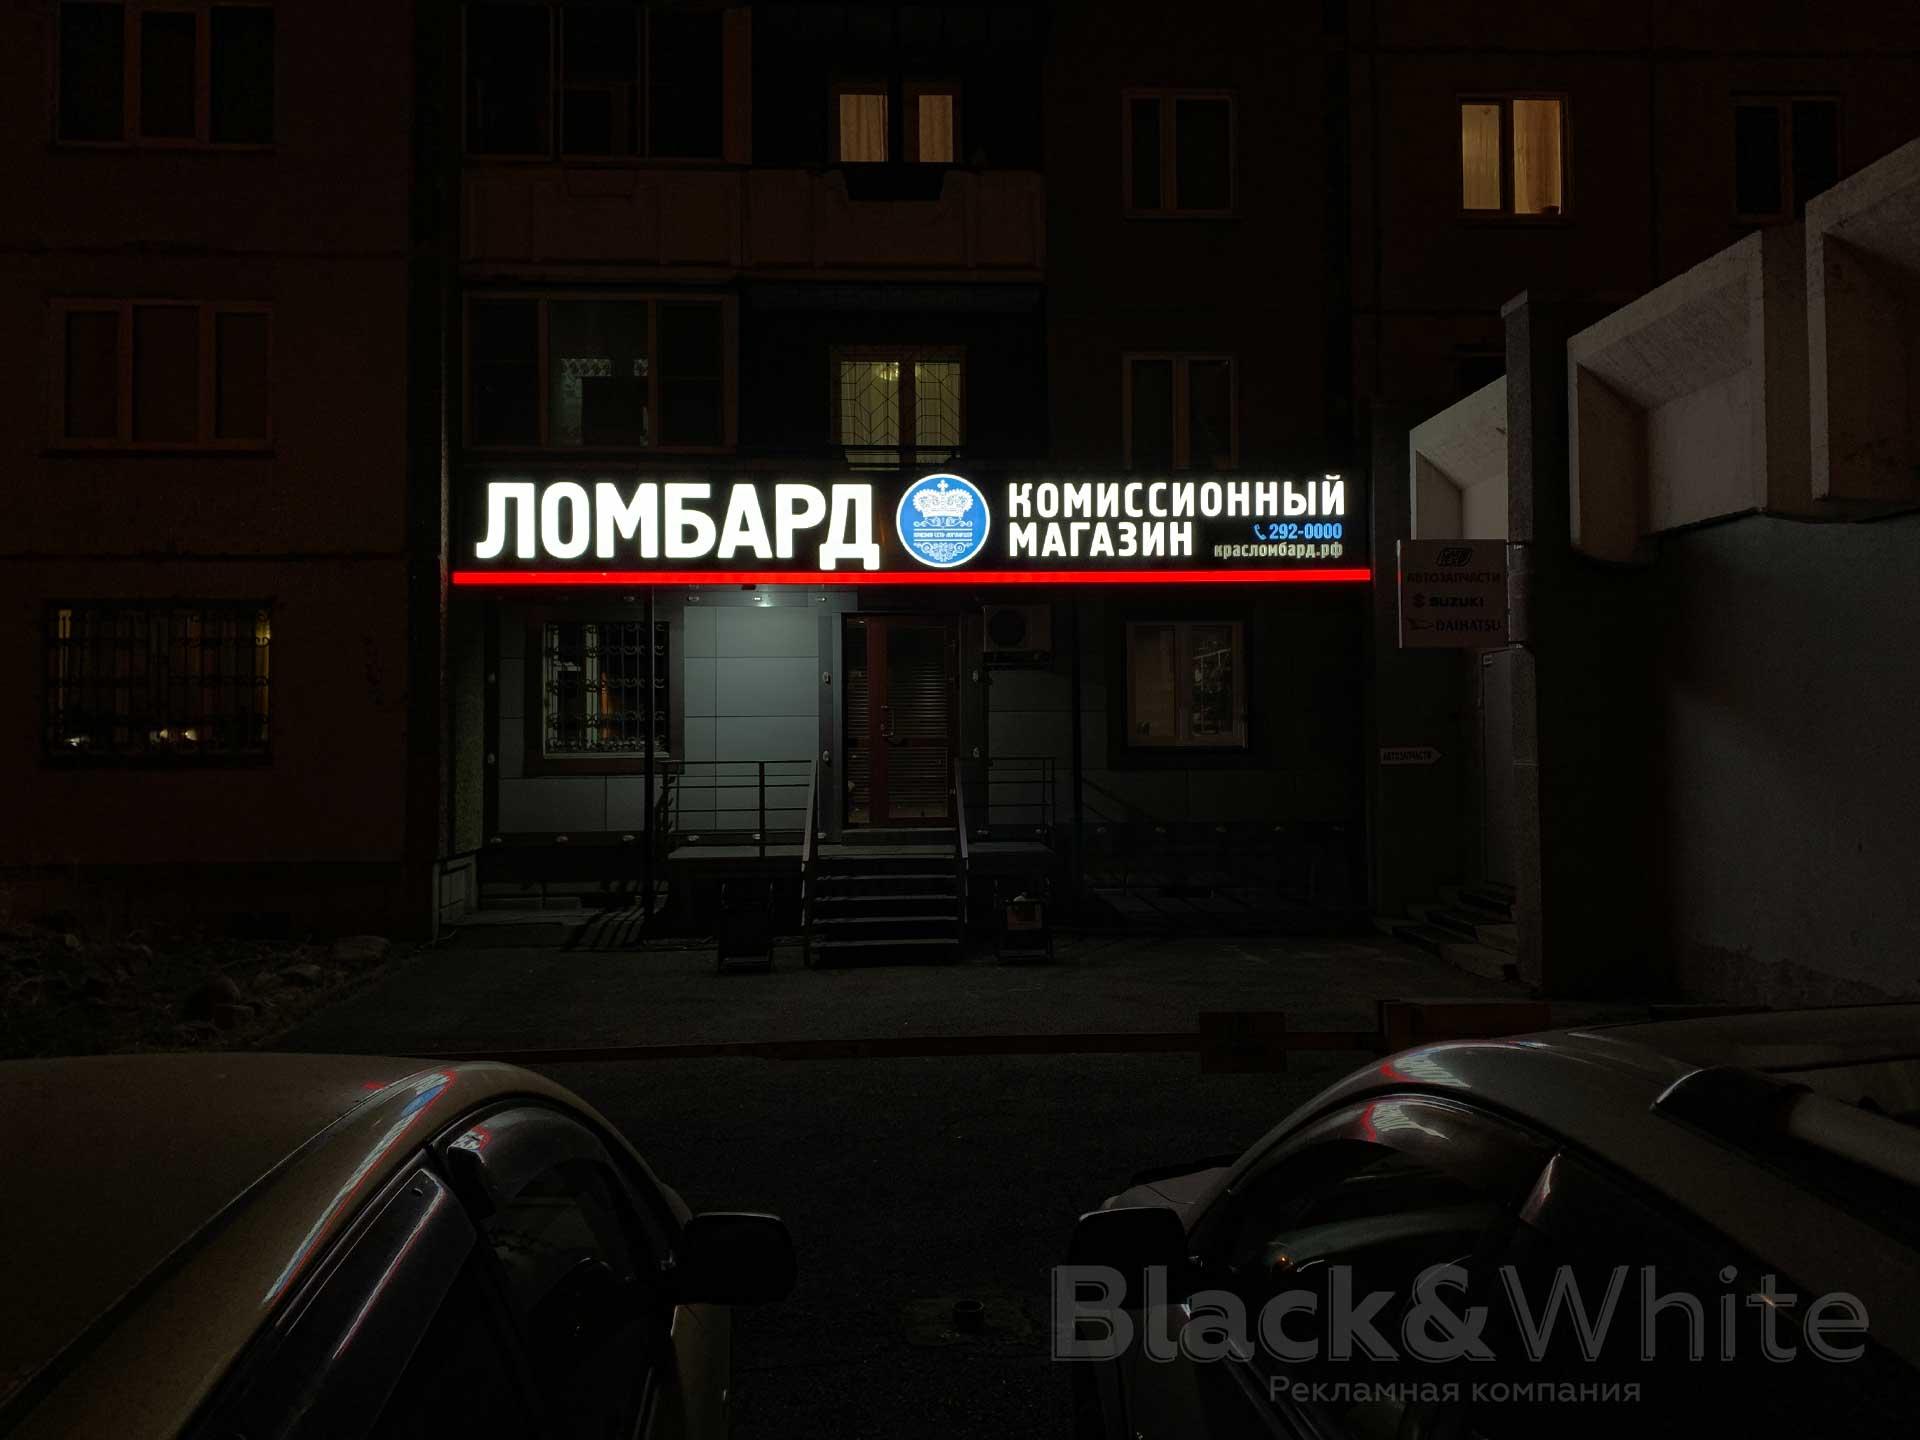 Световая-вывеска-для-ломбарда-с-световыми-объёмными-буквами-в-Красноярске.jpg